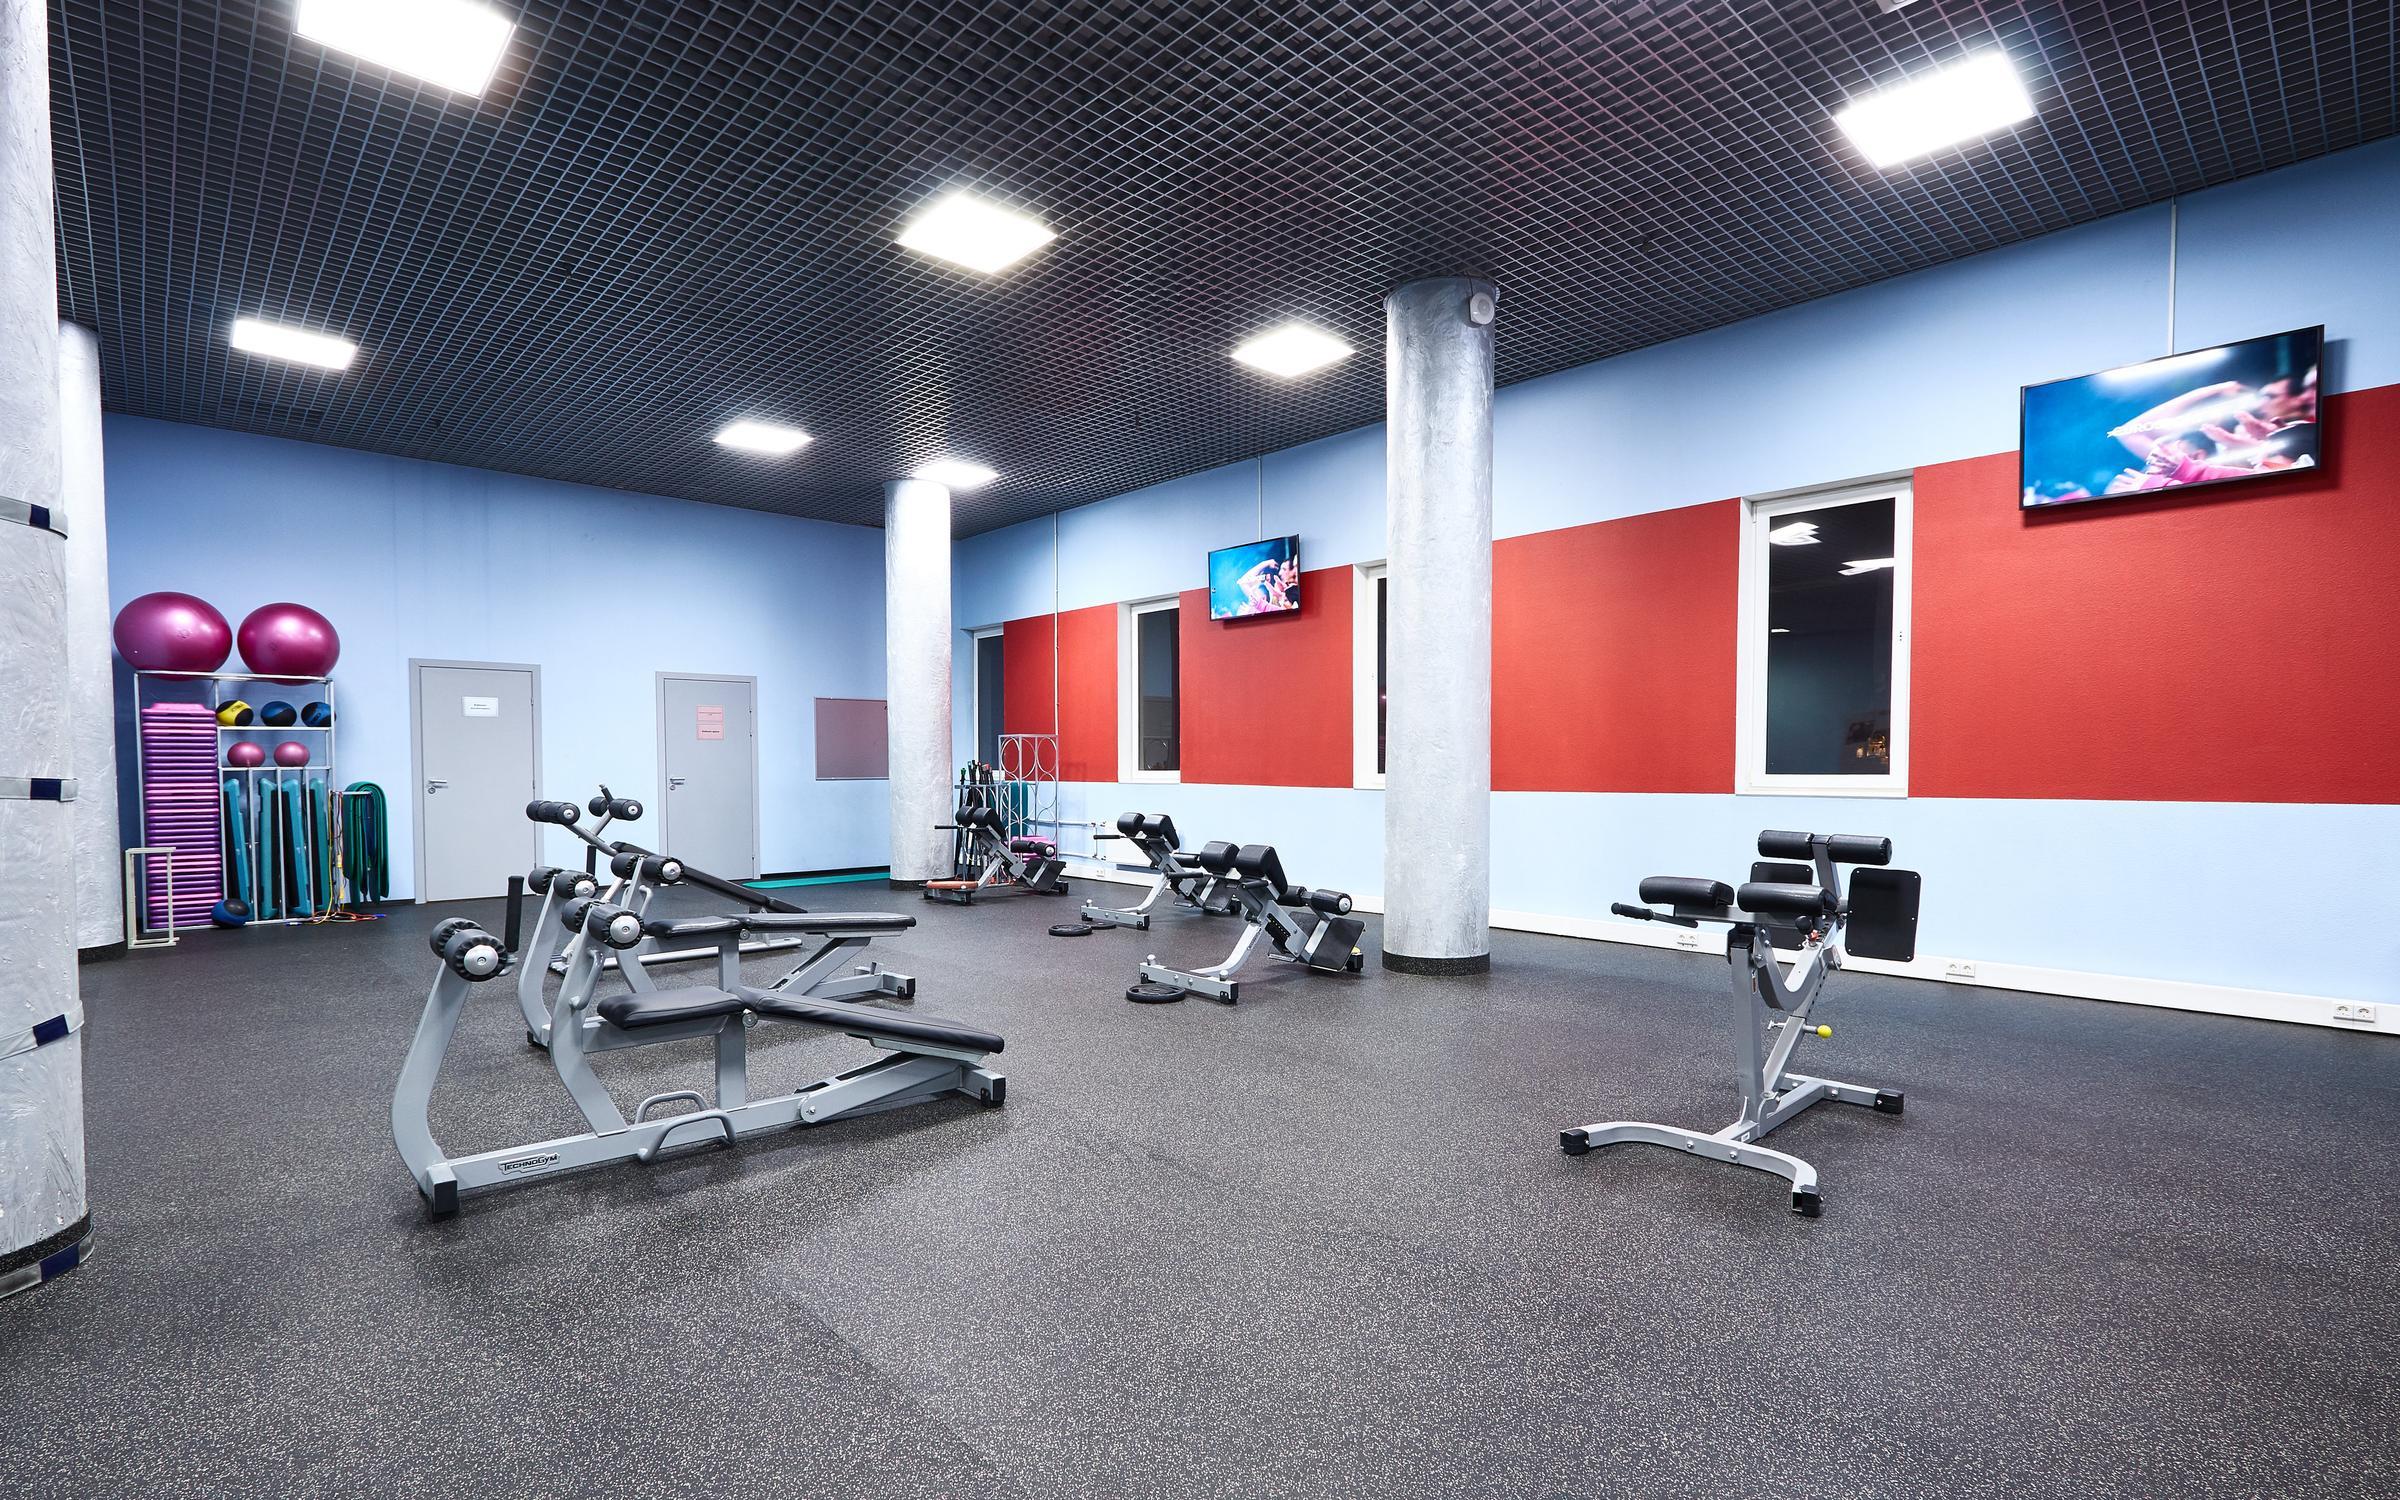 Вакансии в фитнес клубе в санкт-петербурге - отзывы, фото, телефоны, адреса с рейтингом, отзывами и фотографиями.